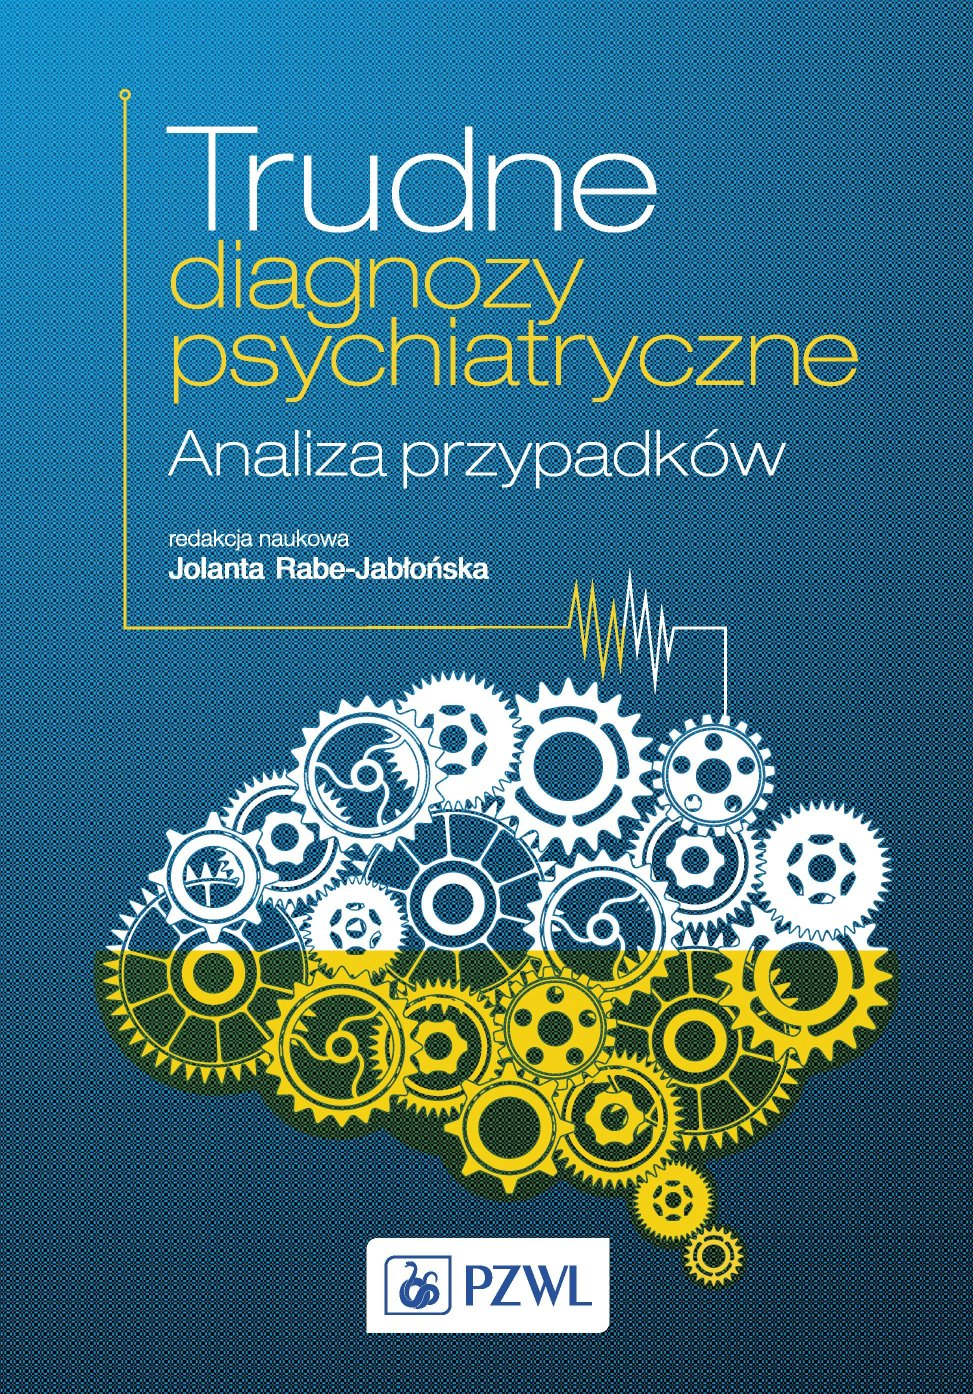 Trudne diagnozy psychiatryczne. Analiza przypadków - Ebook (Książka EPUB) do pobrania w formacie EPUB